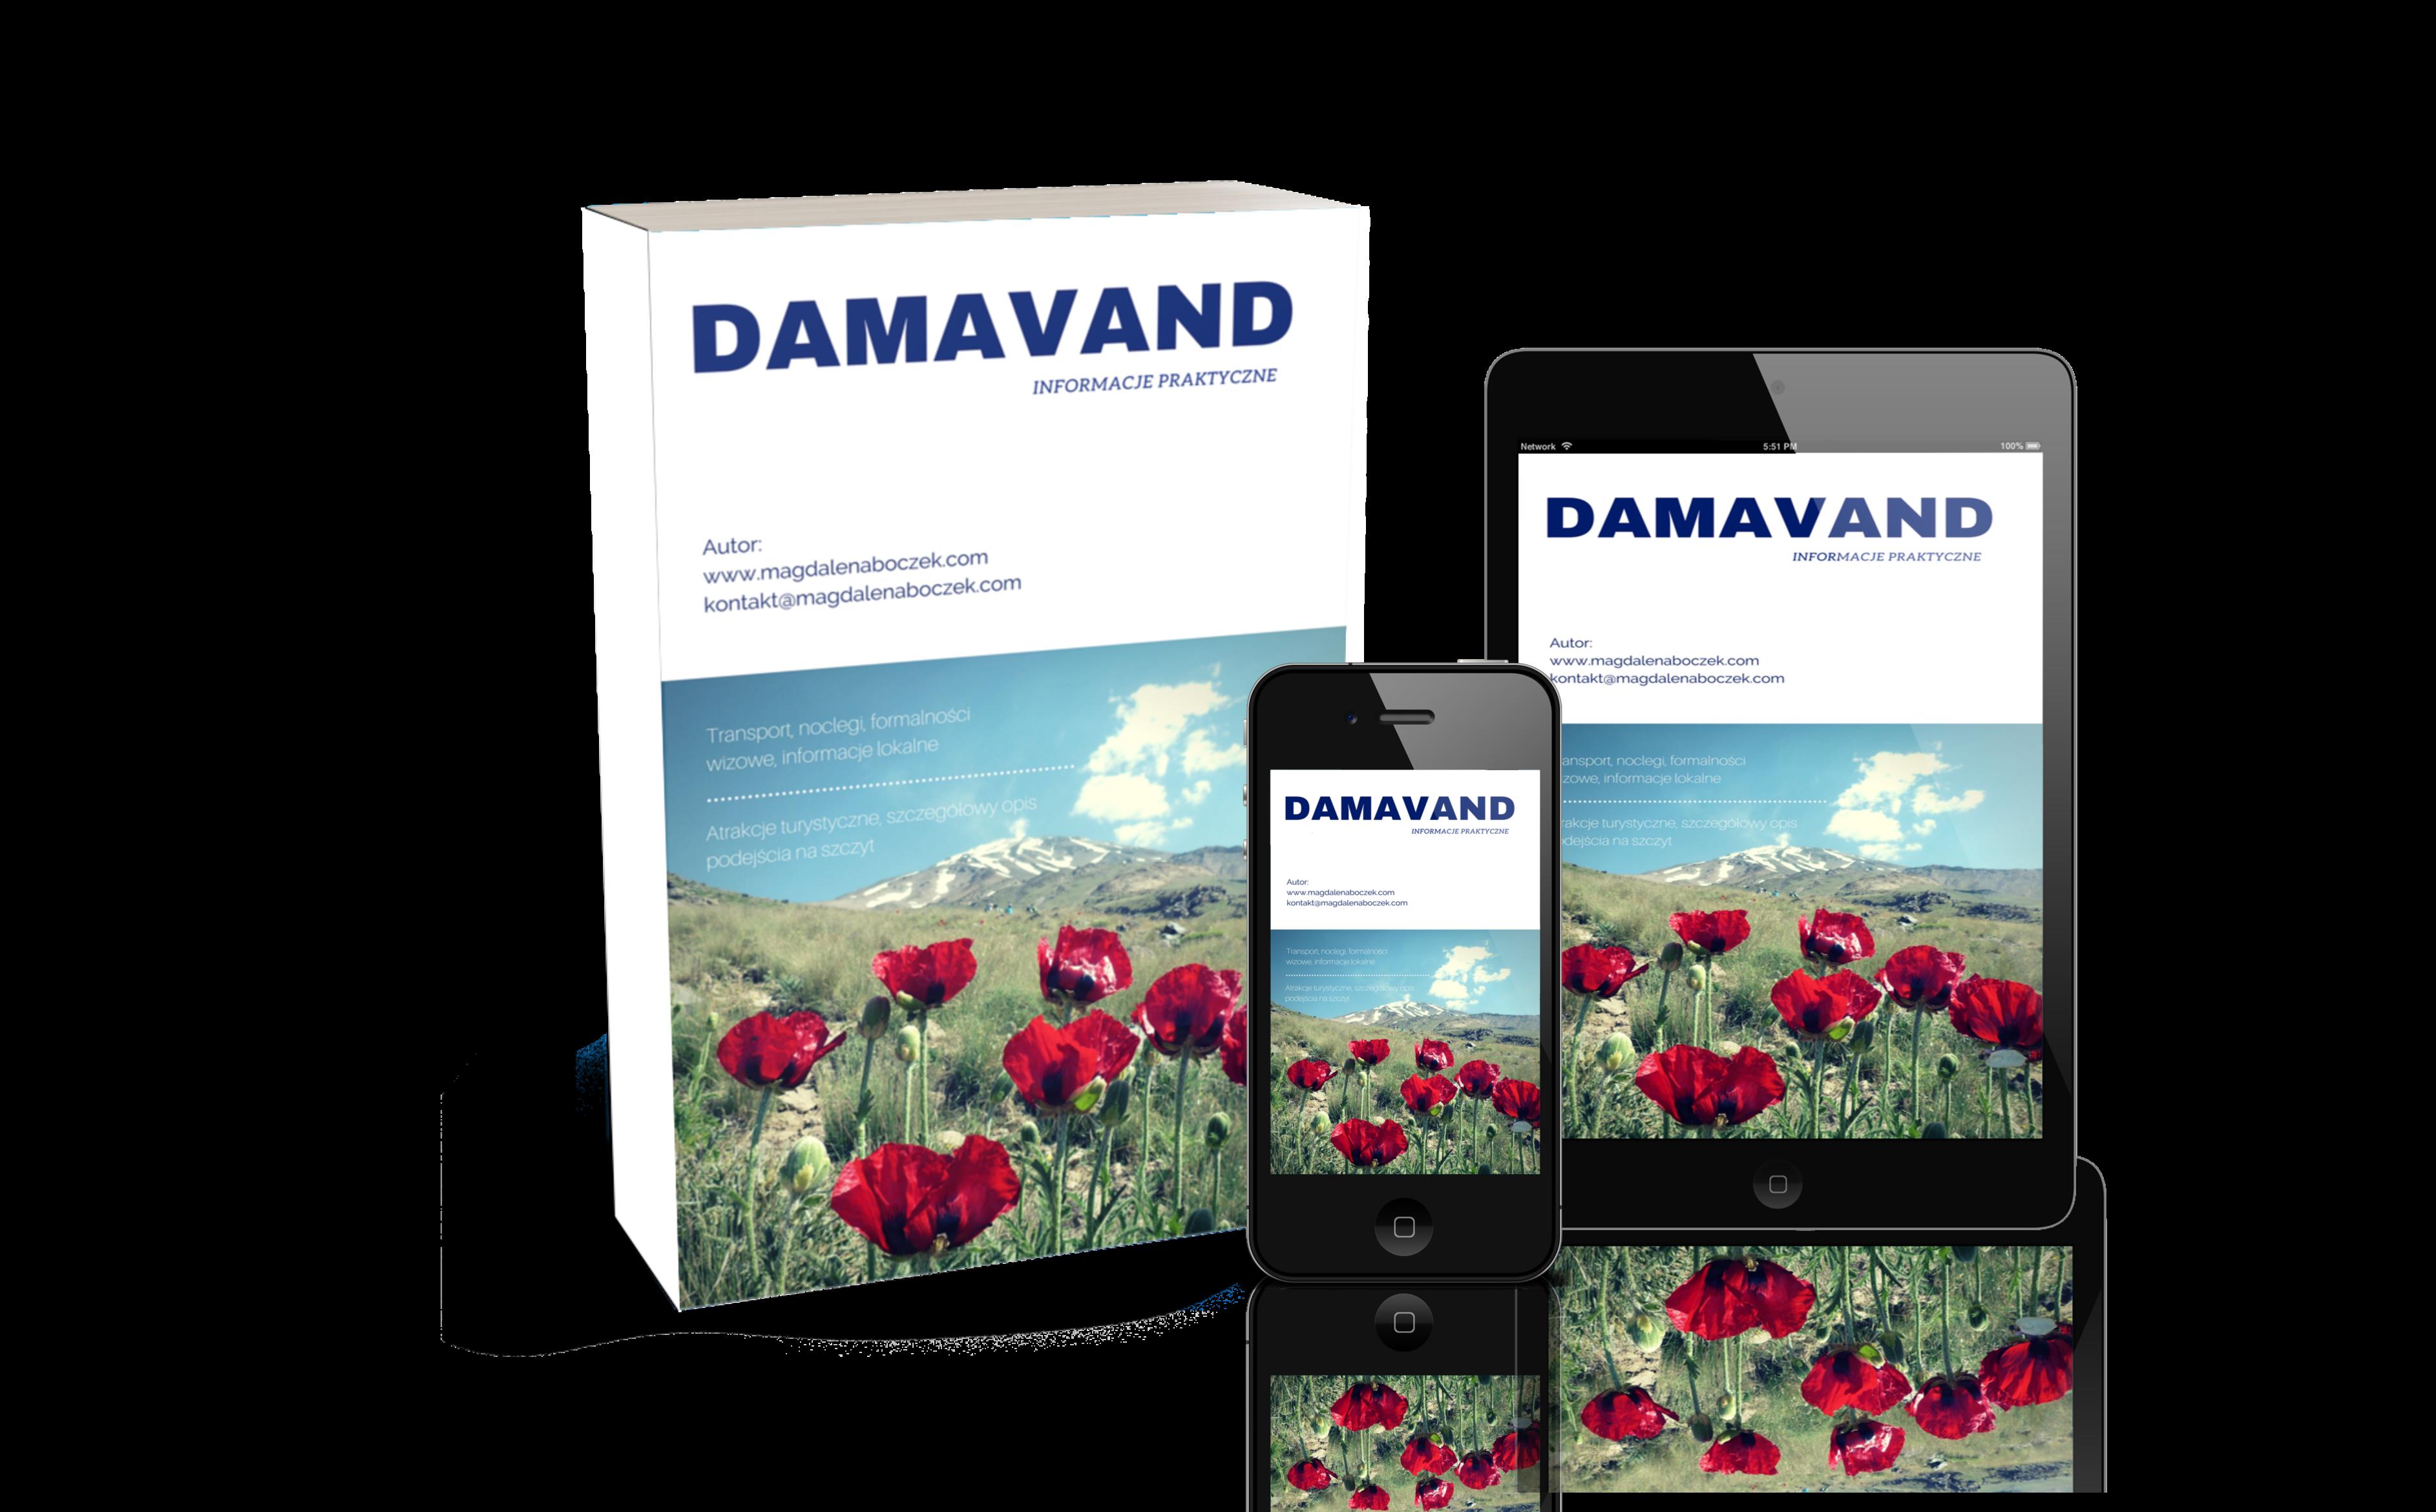 informatory praktyczne - e-book